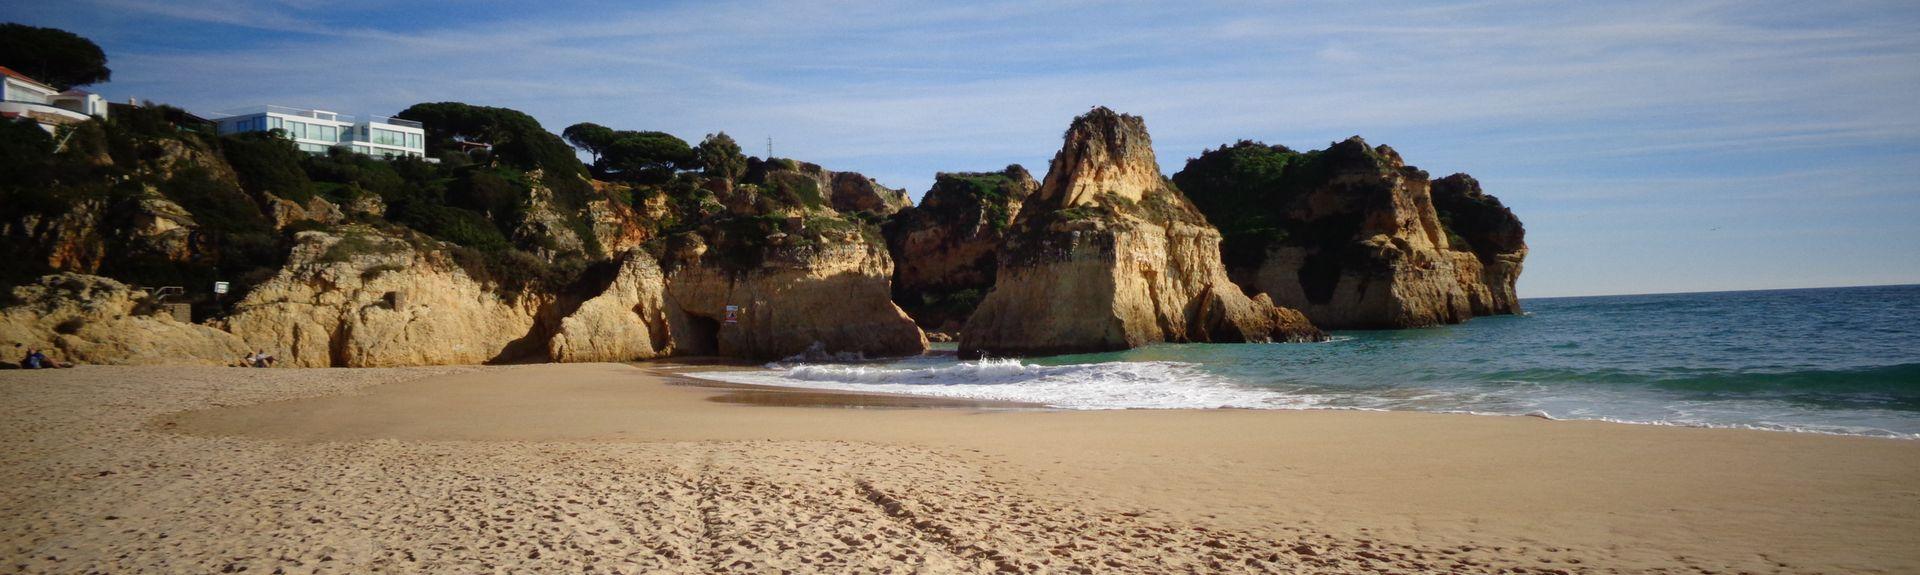 Cordoama (plaża), Dystrykt Faro, Portugalia